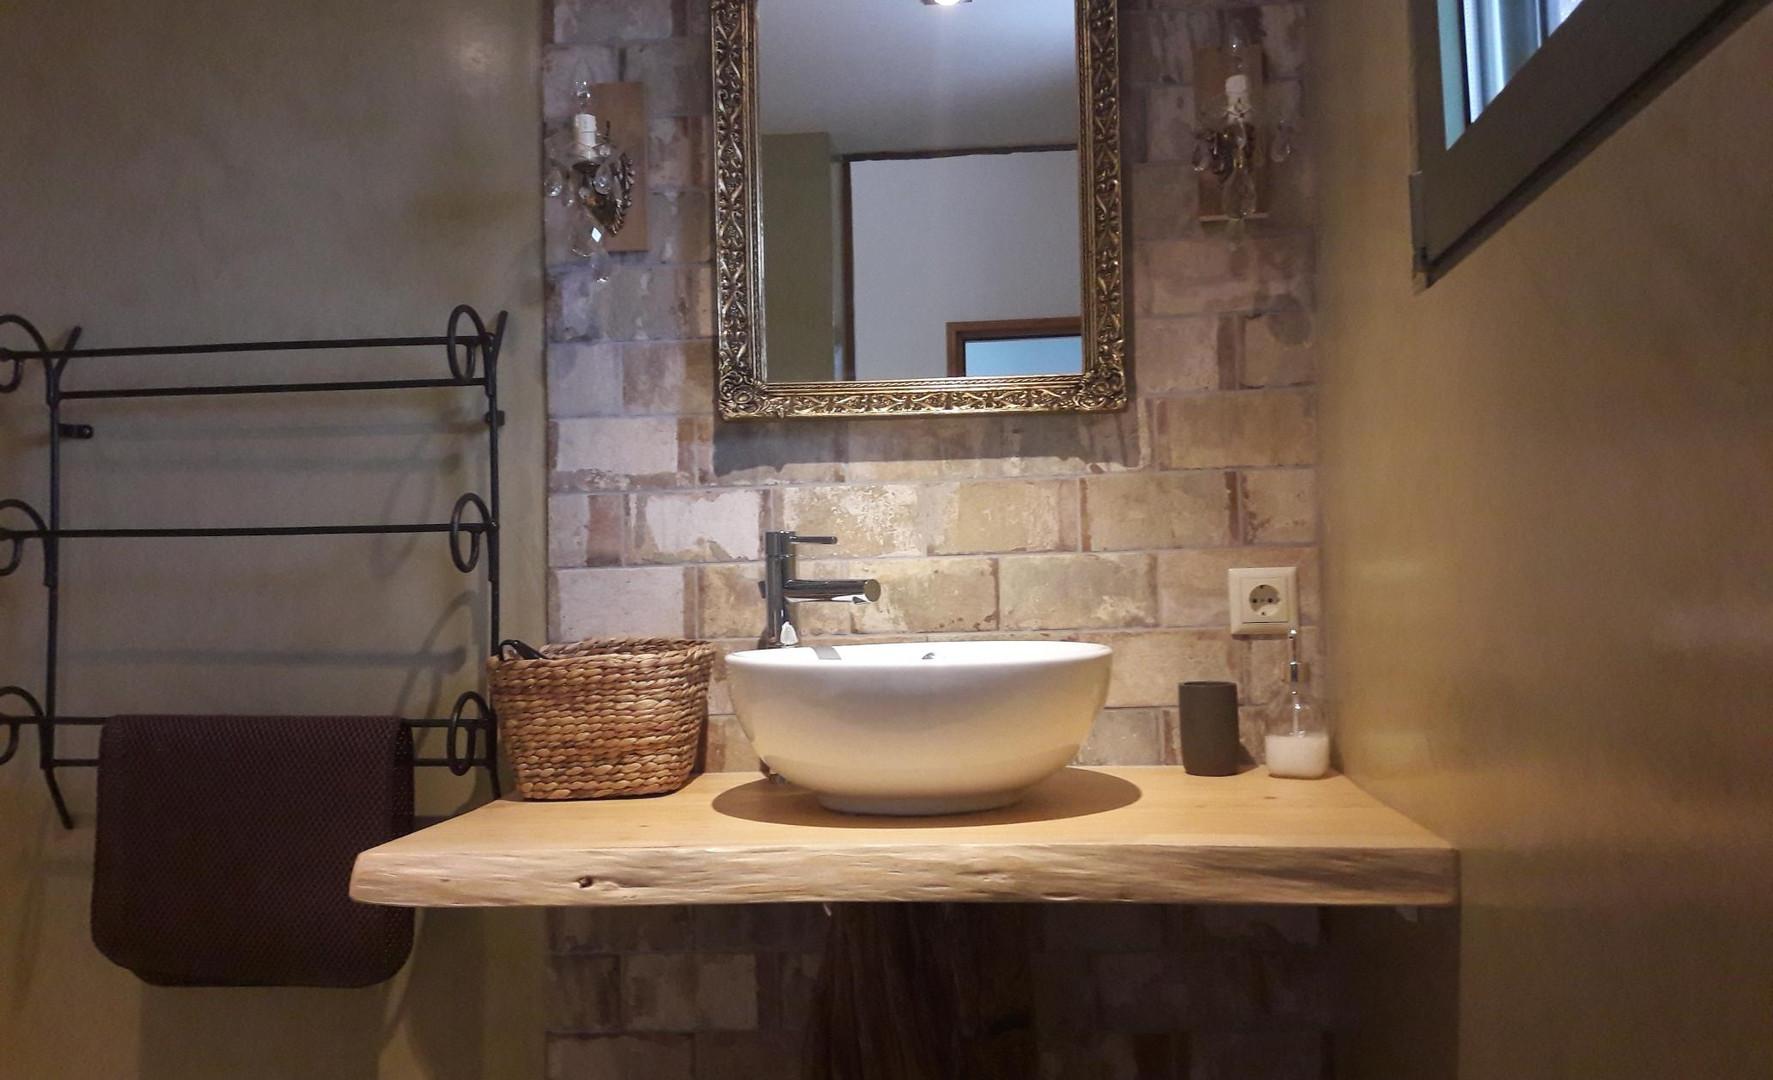 La salle de bain, Kalyvitis, Crète